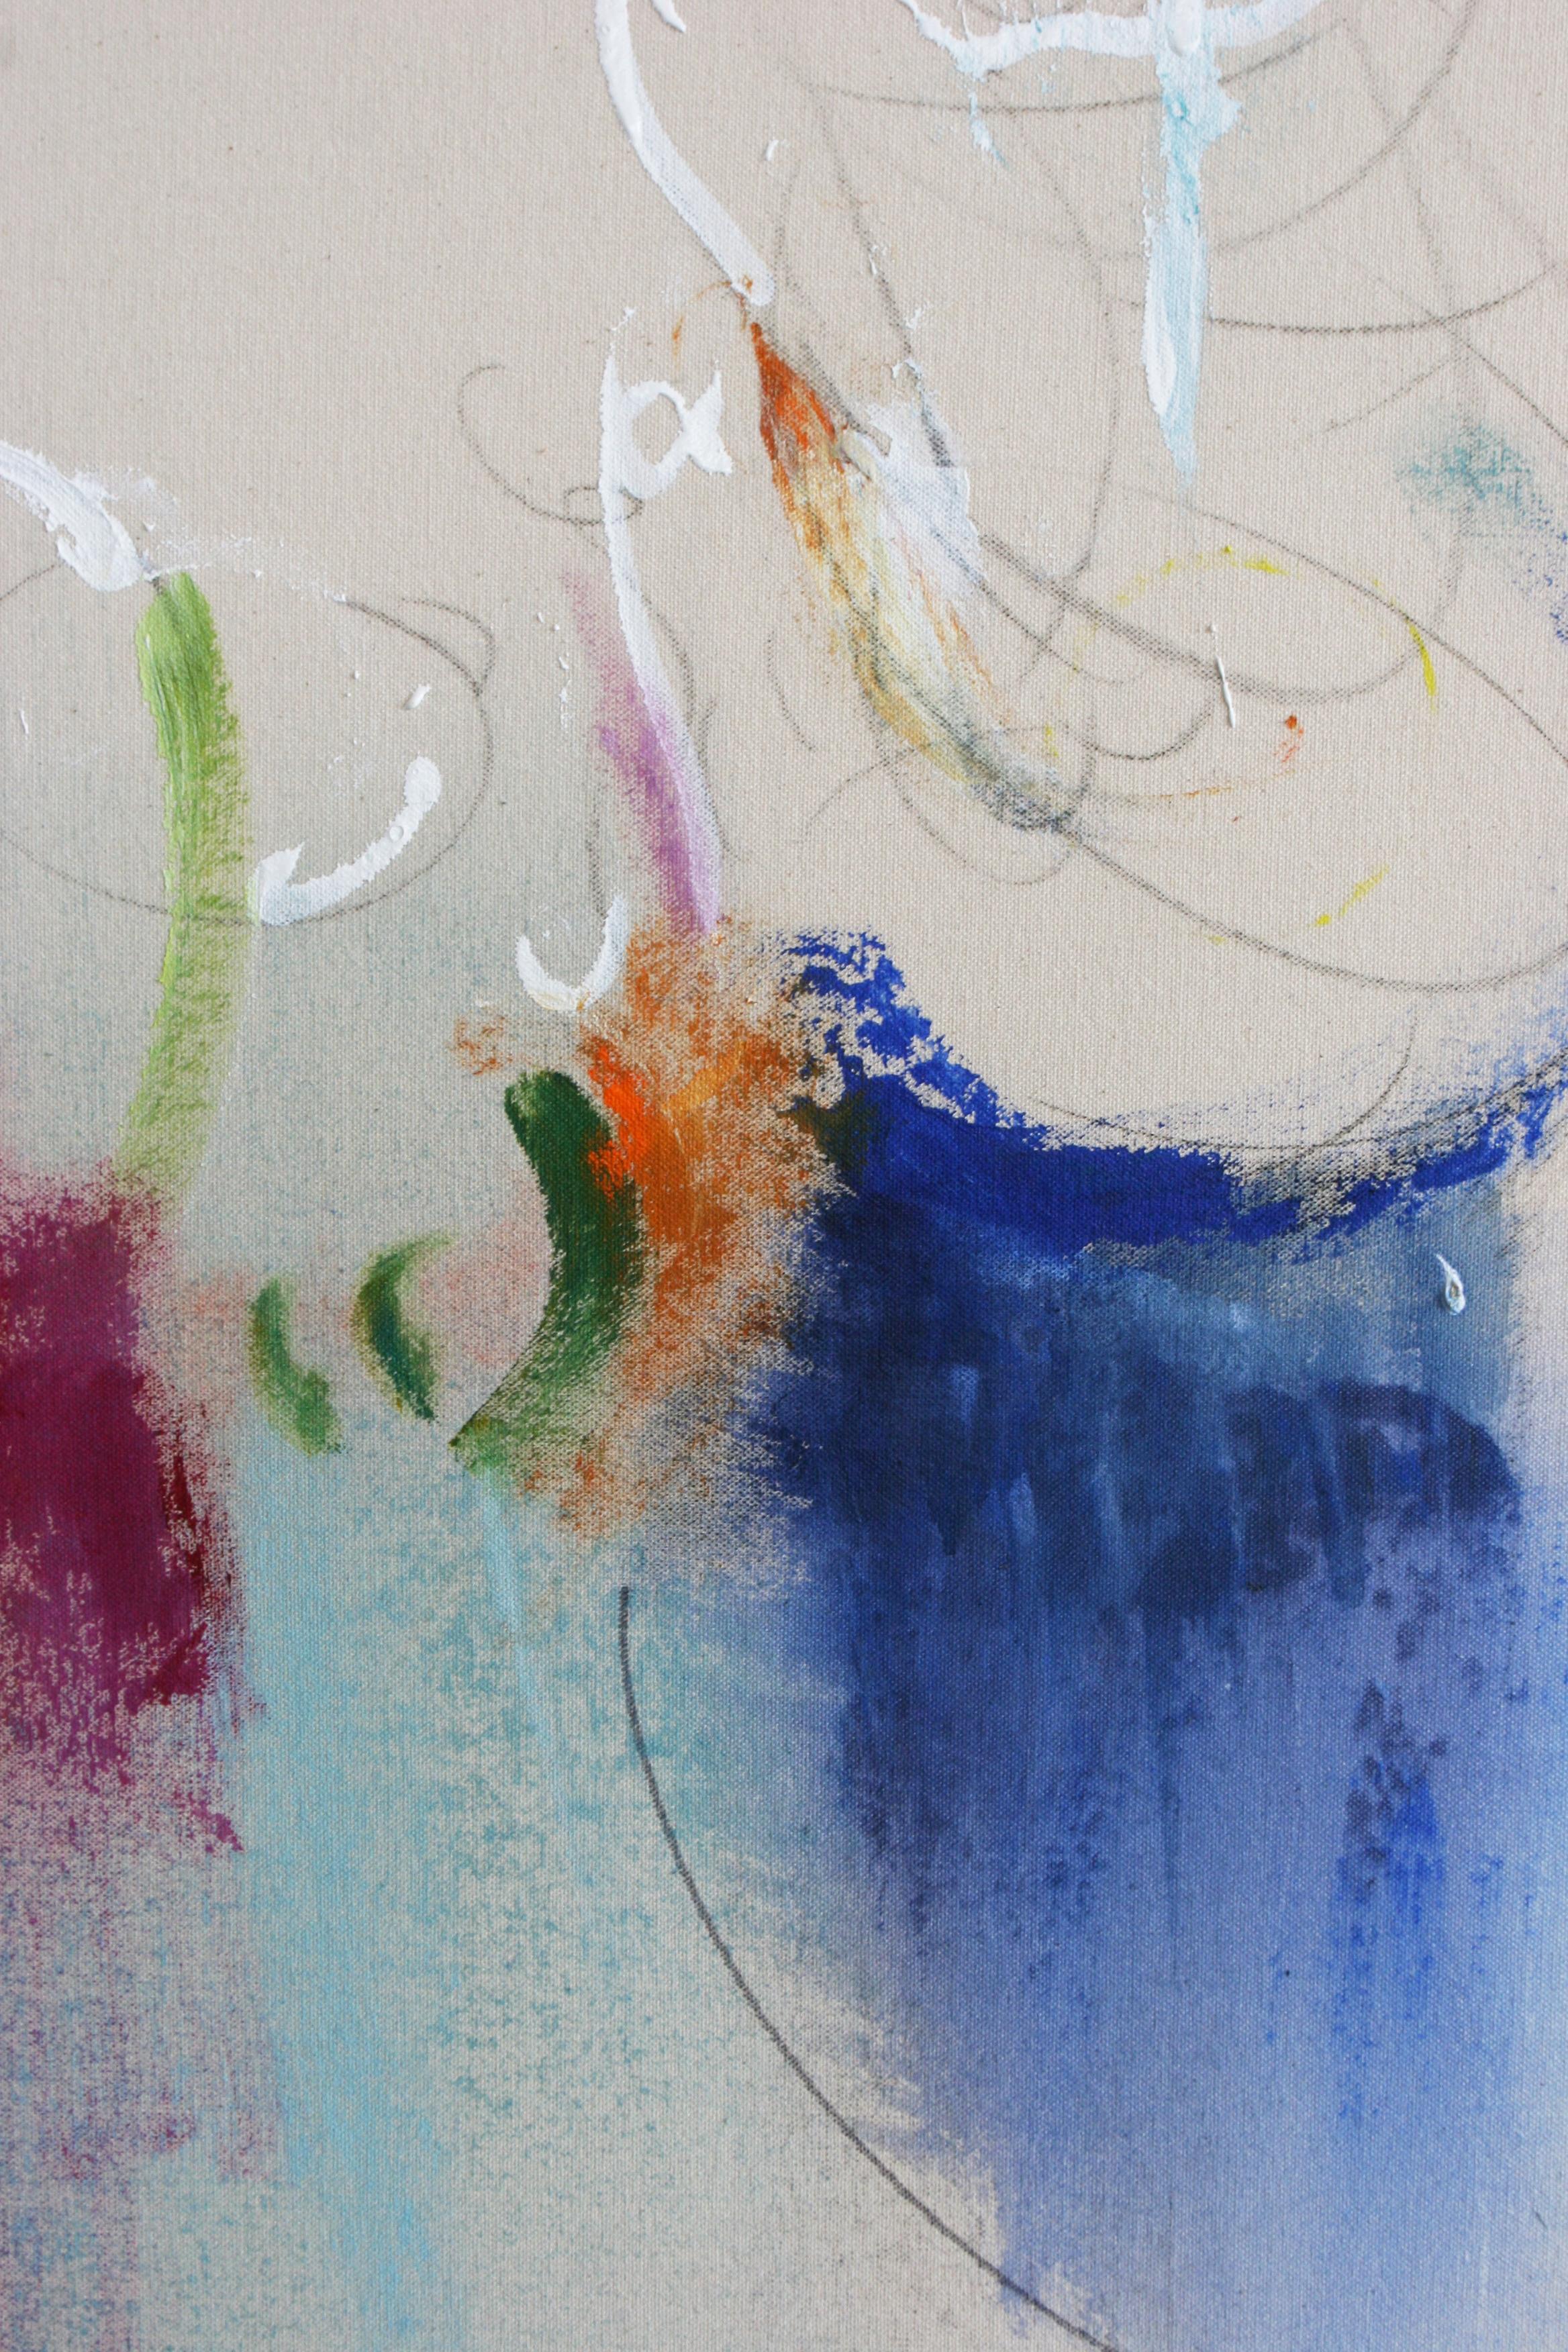 Stravinsky painting detail IMG_8637.jpg